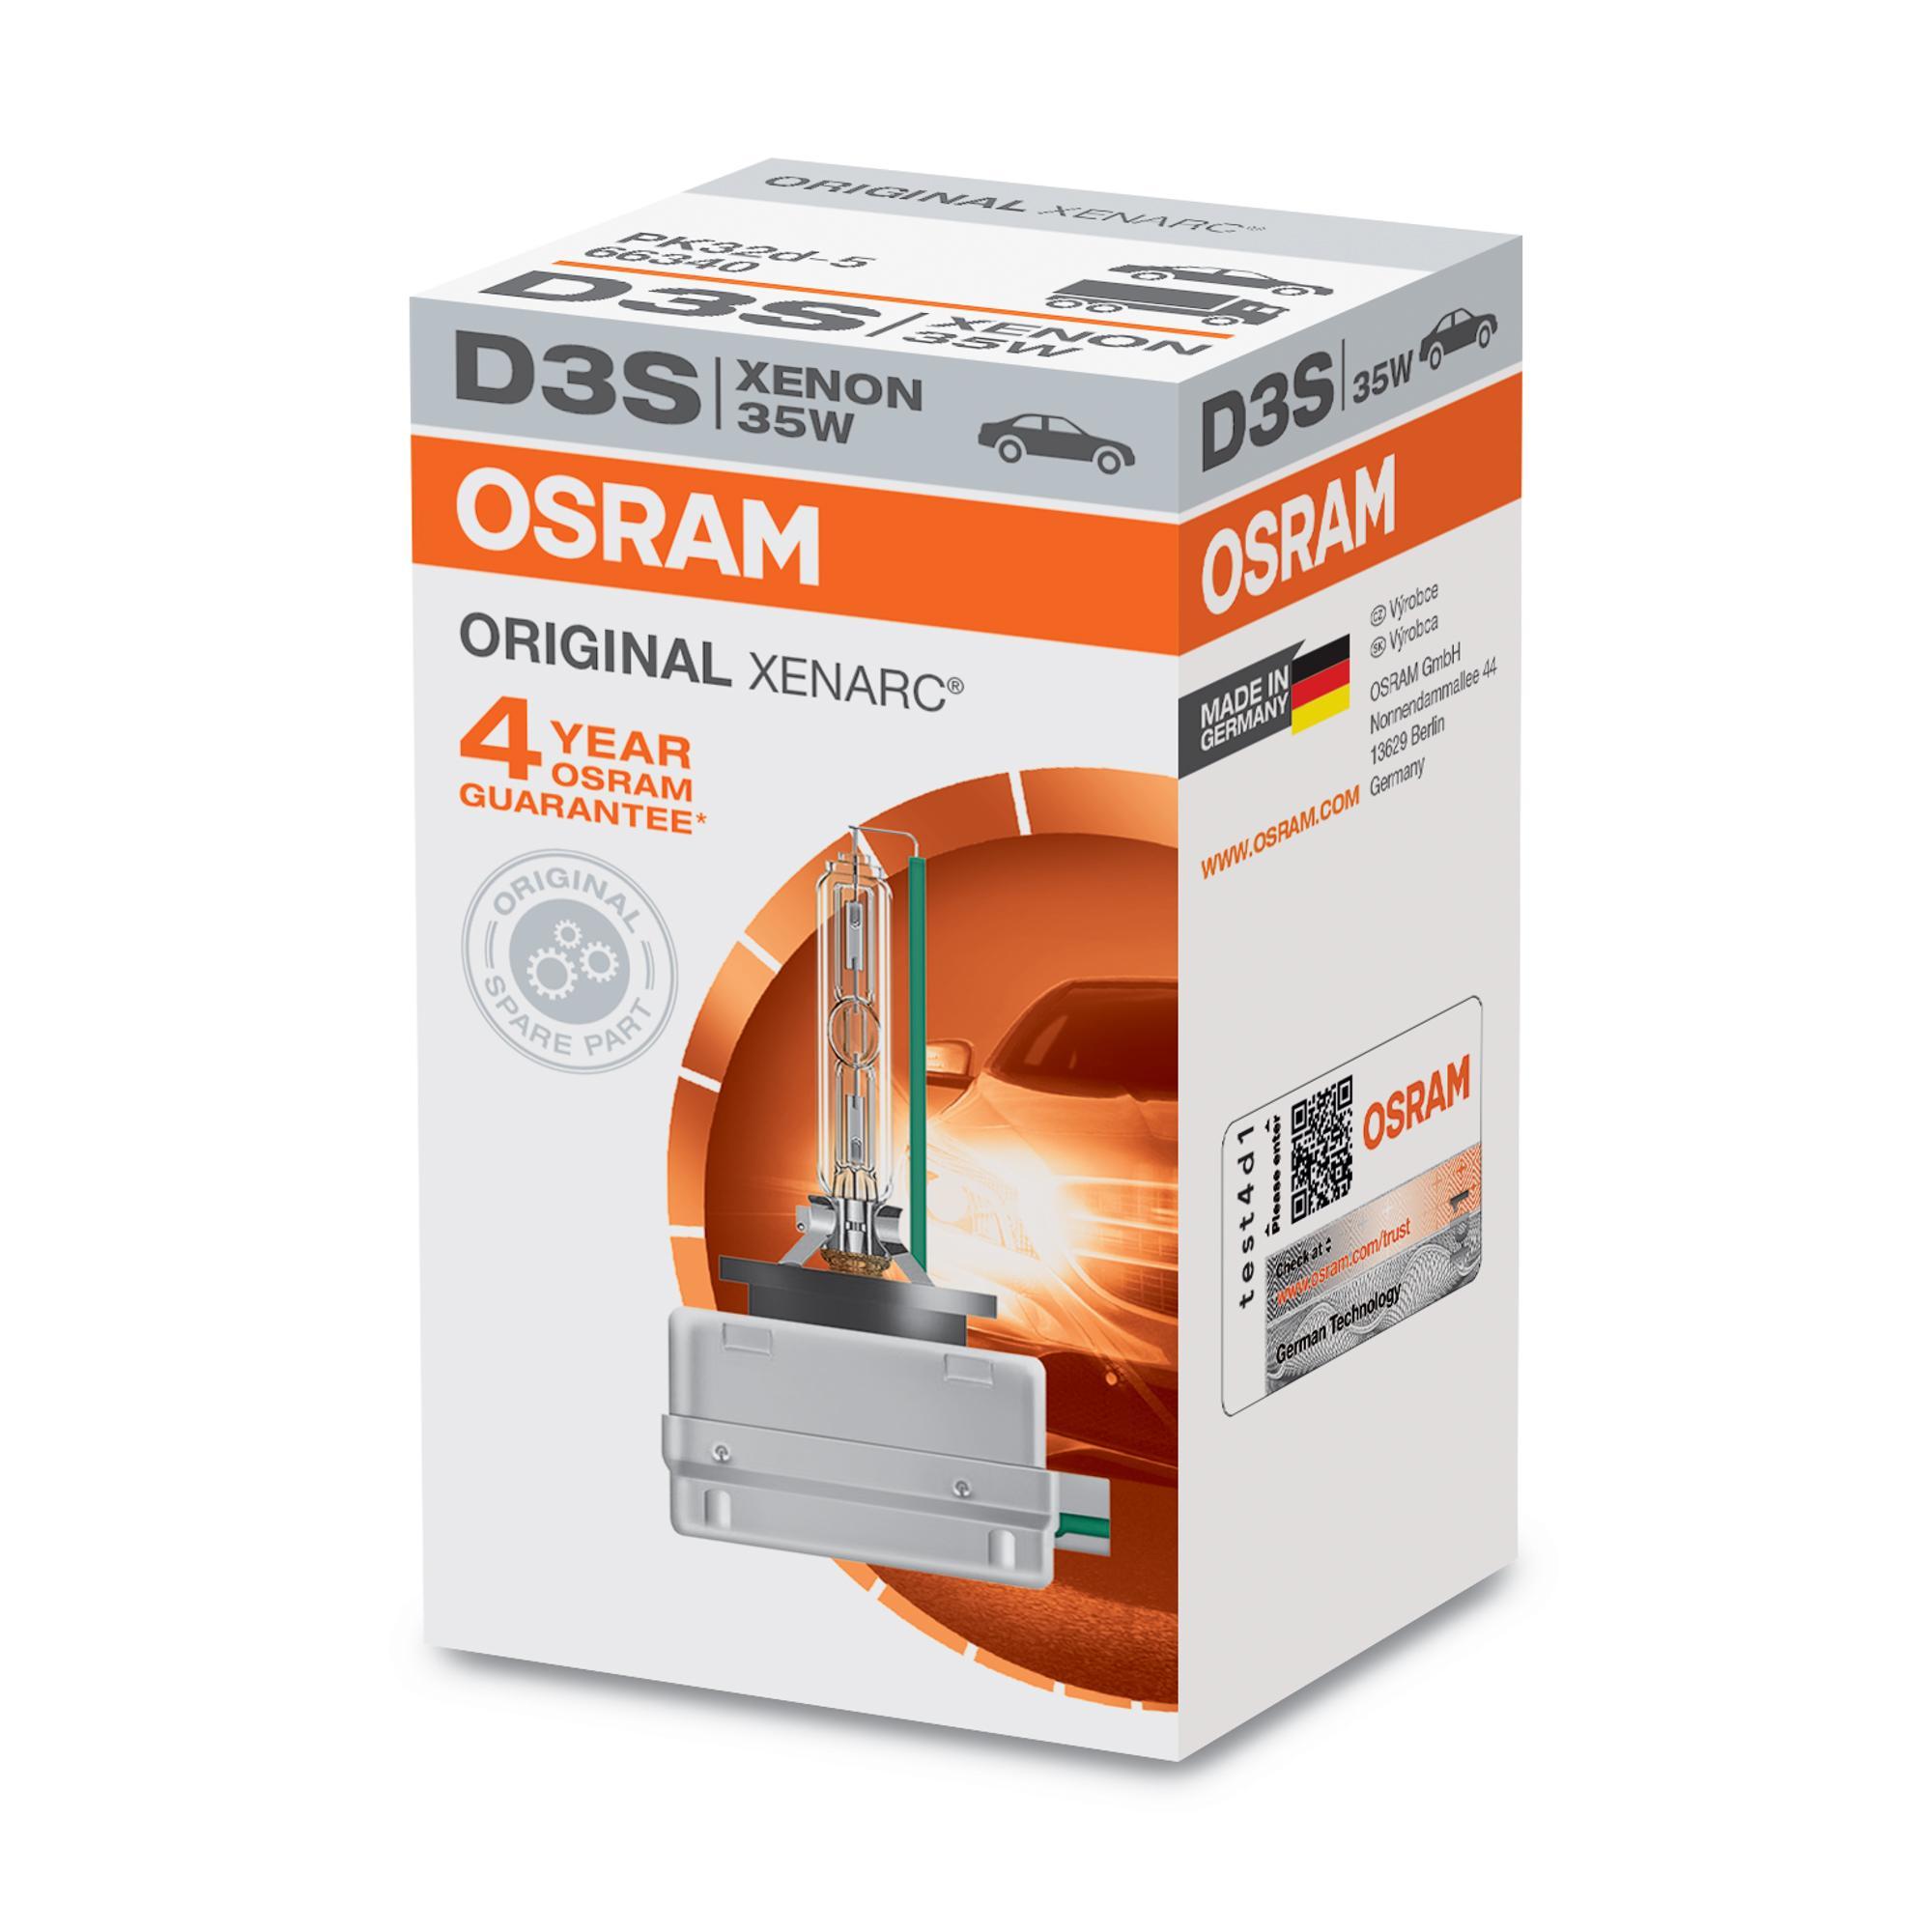 Ricambi FORD C-MAX 2012: Lampadina, Faro di profondità OSRAM 66340 a prezzo basso — acquista ora!